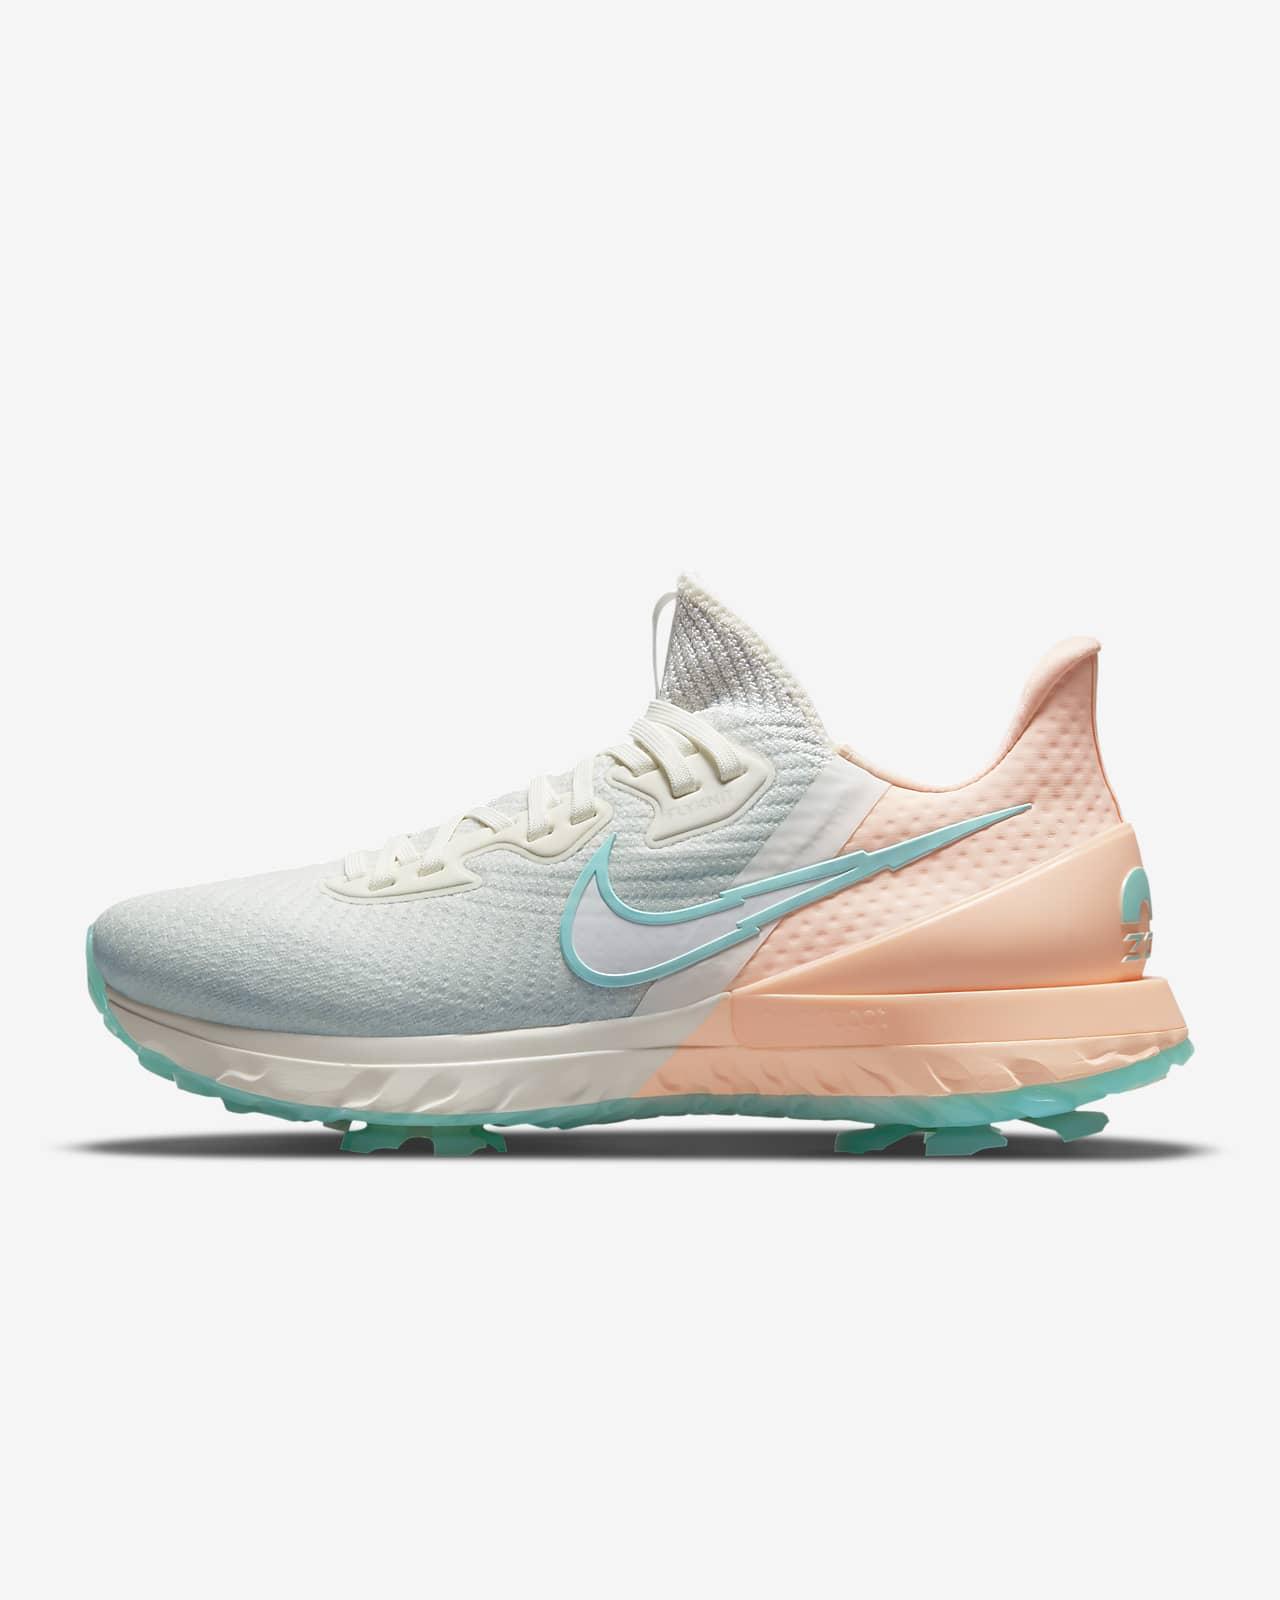 Παπούτσι γκολφ Nike Air Zoom Infinity Tour